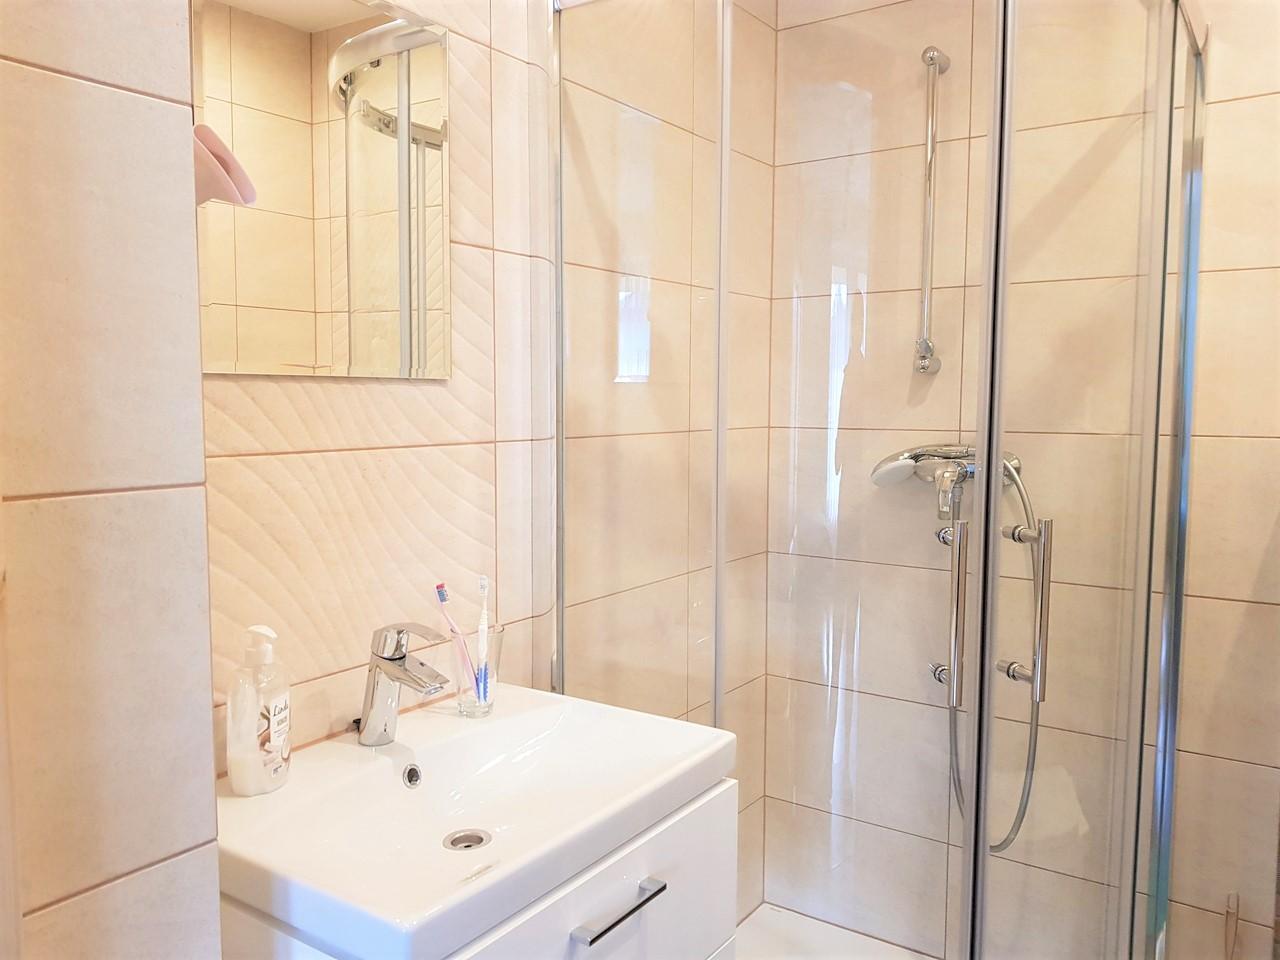 pokoje zakopane 4 łazienką (4)